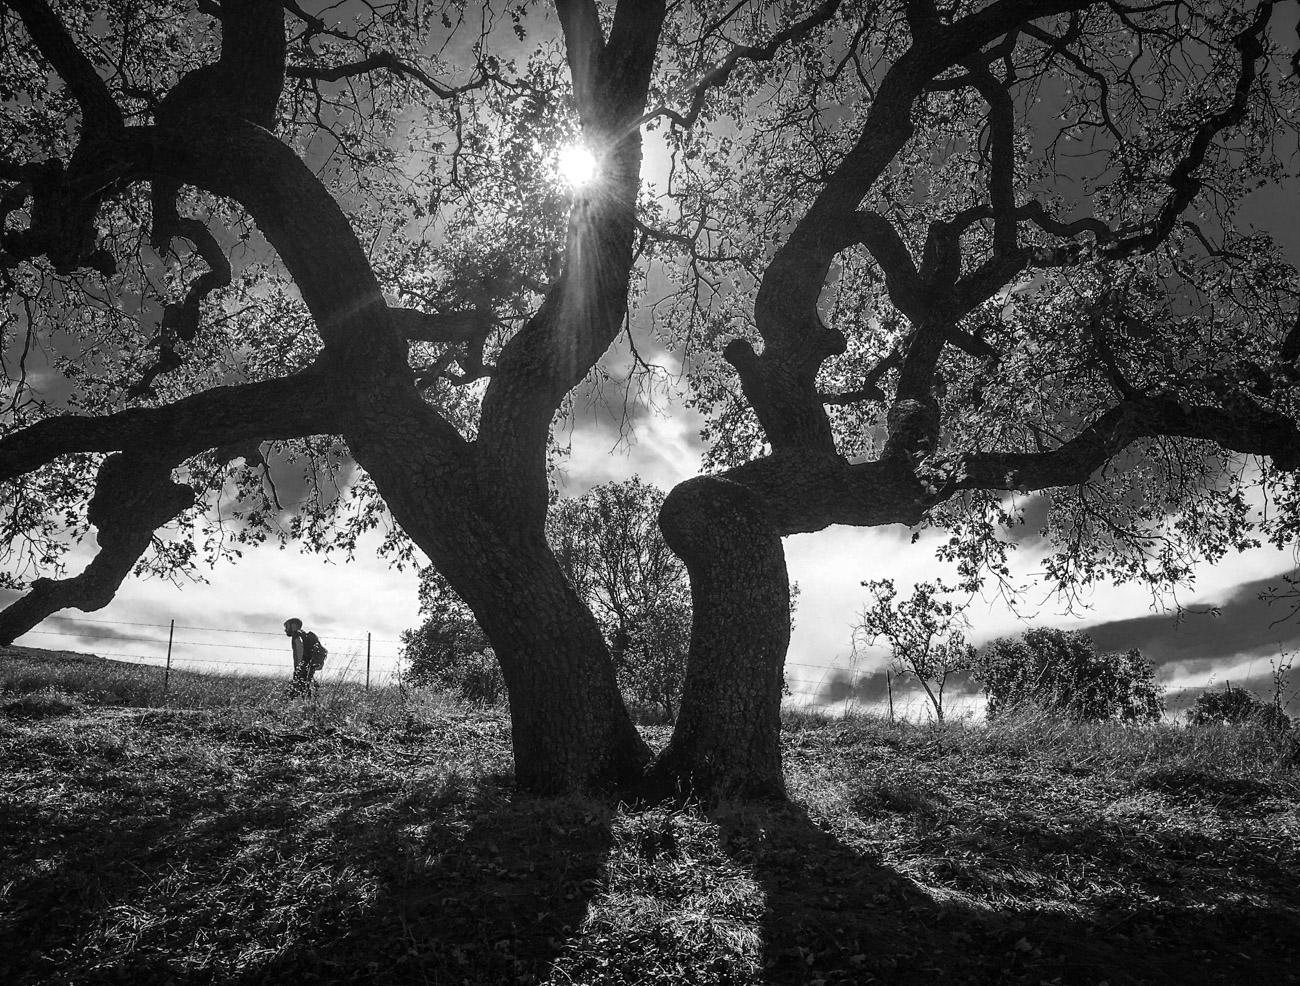 """фото """"Дерево в Контровом Свете"""" метки: черно-белые, Клуб, Костровый Свет, дерево"""